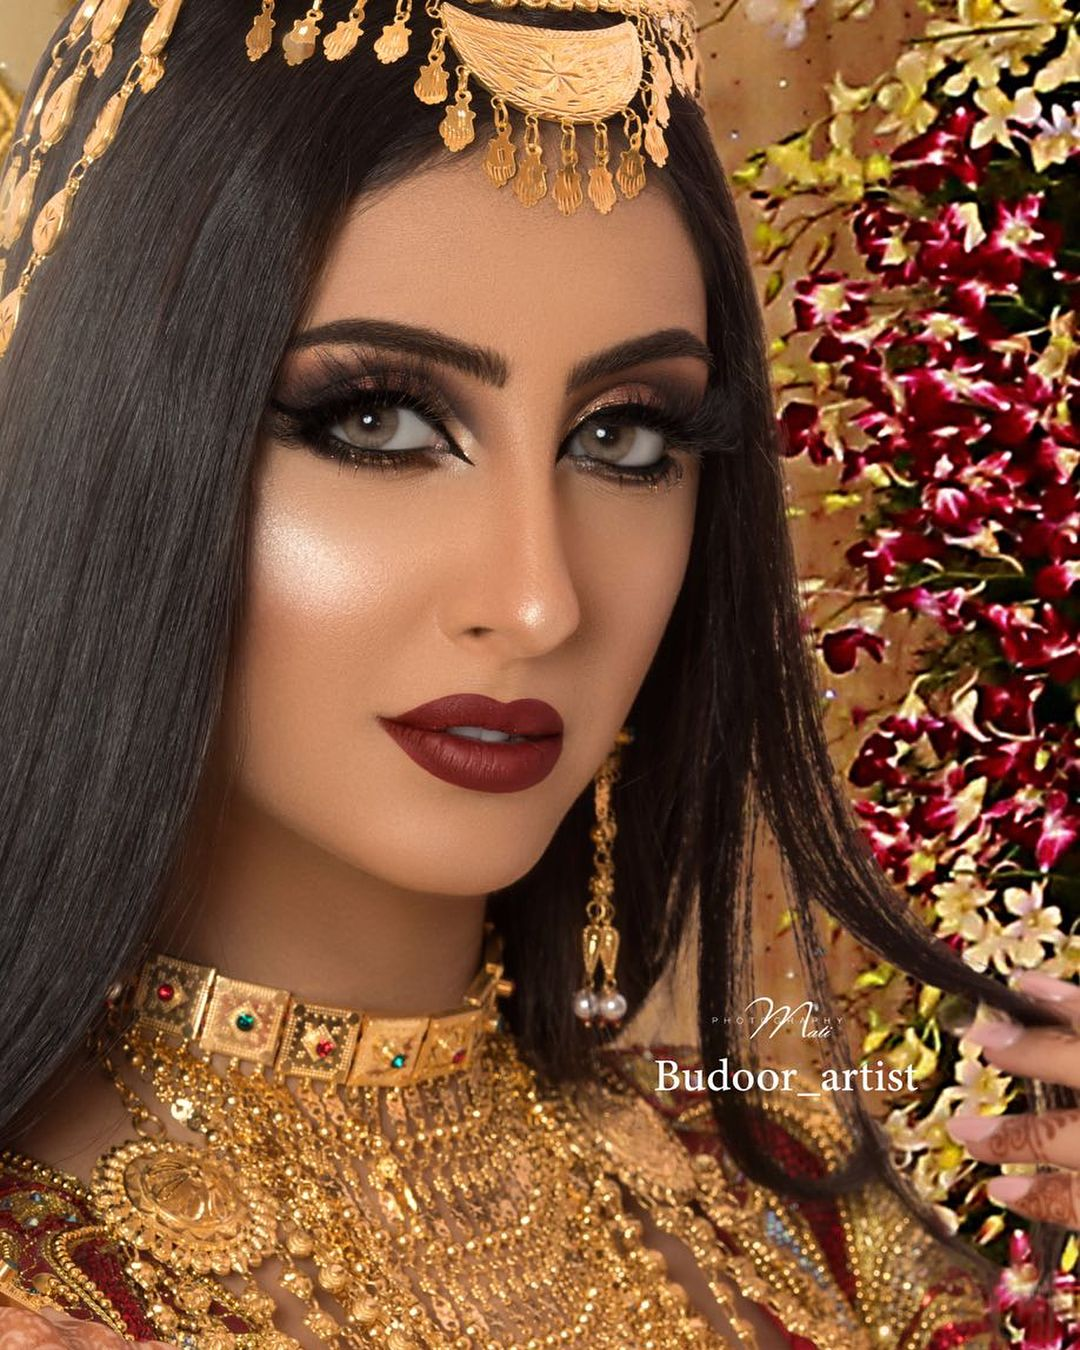 مرحبا الساع الجلسه تصويري مع المصممه الاماراتية شمسه المهيري Shamsaalmehairi و ميكب ارتست العسل Budoor Artis Beautiful Eyes Glowing Makeup Hair Beauty